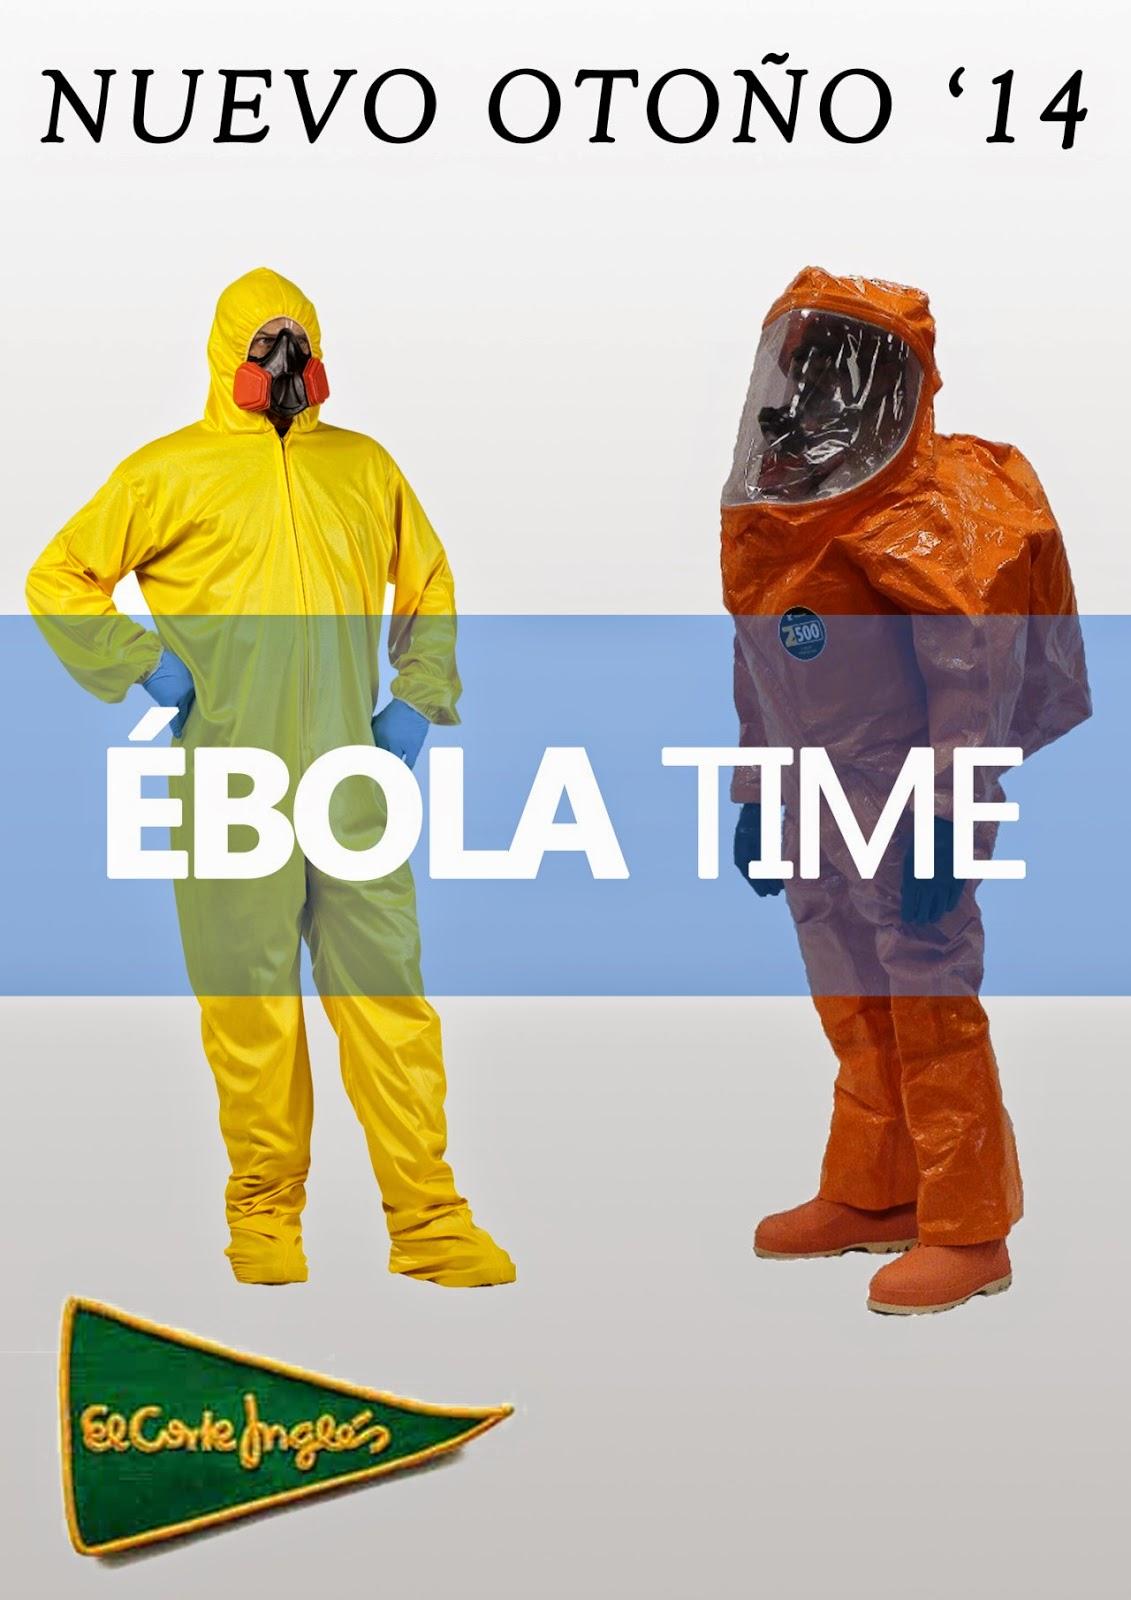 Detectado nuevo caso de Ébola en Madrid...y esto ya mosquea. - Página 3 Ebola1